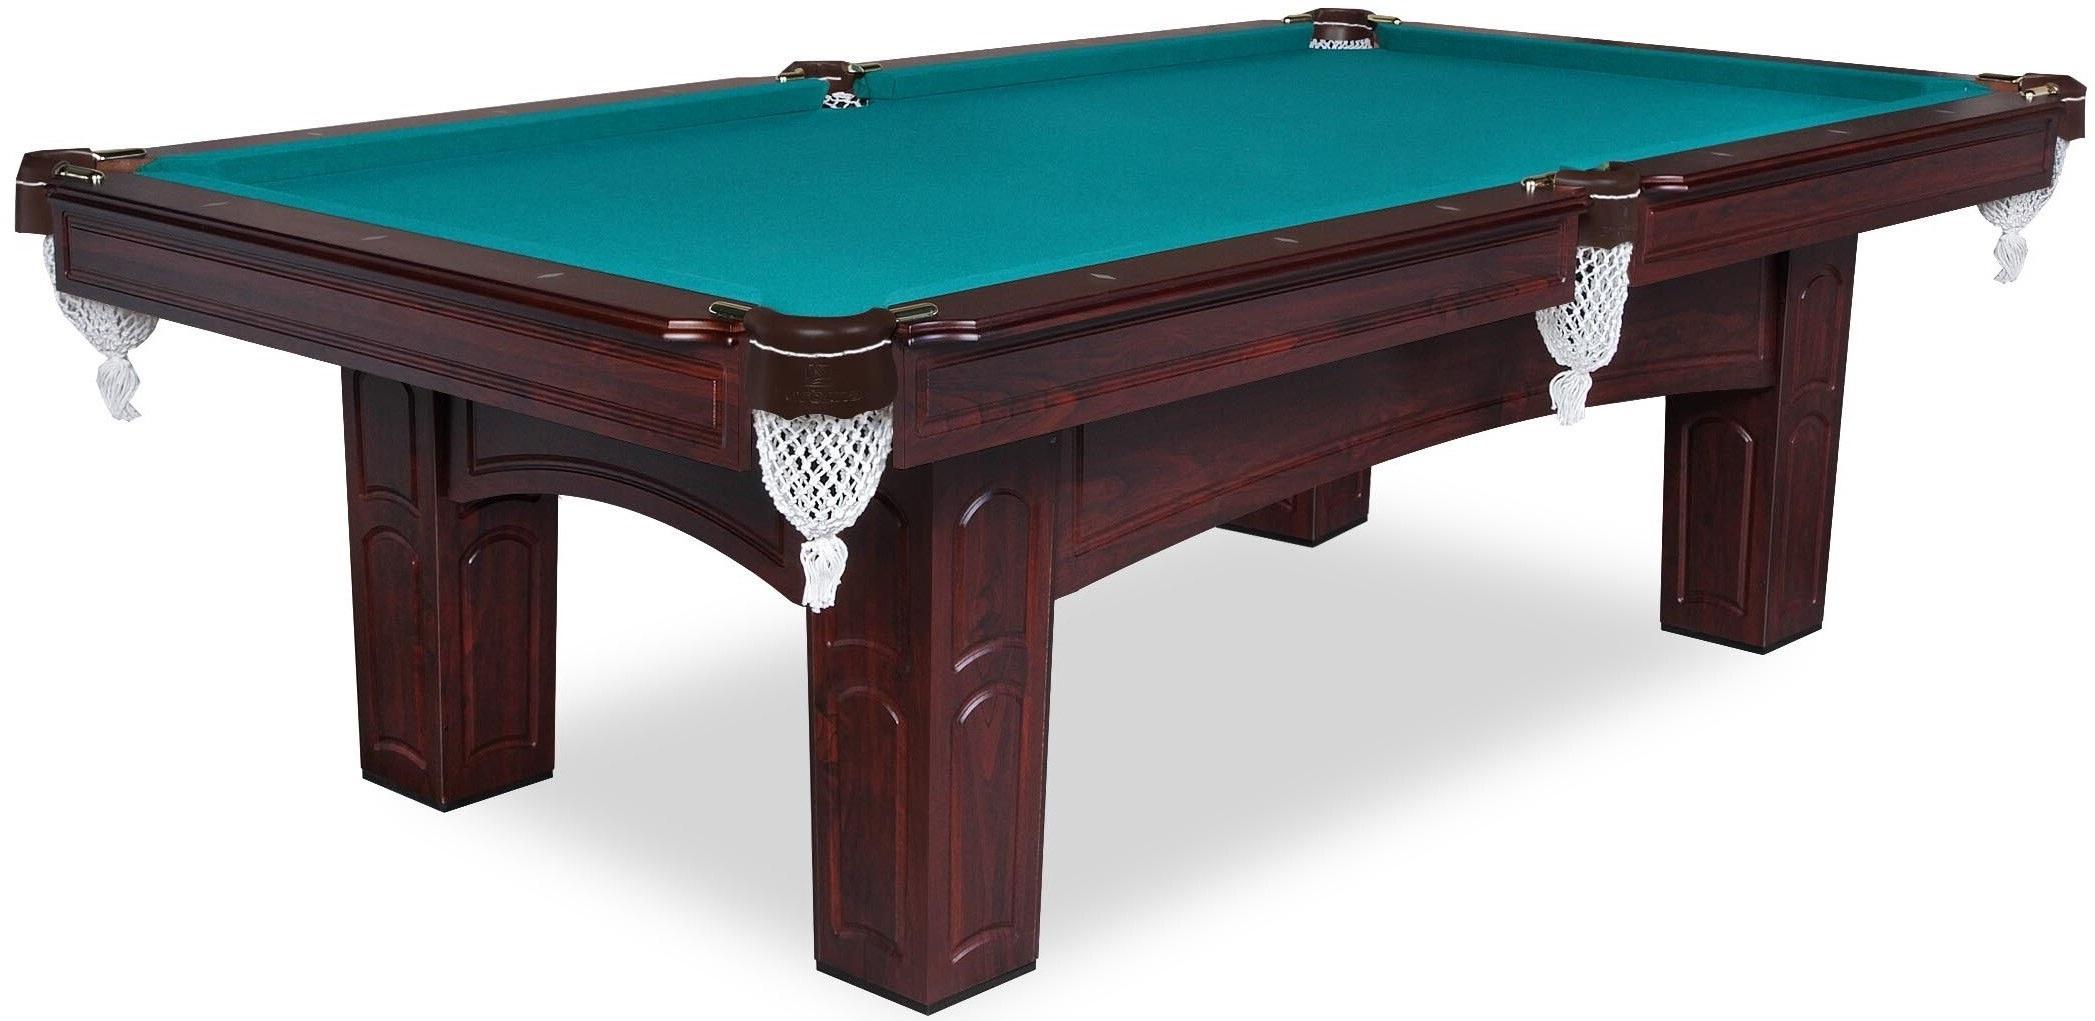 Бильярдный стол Fortuna Brookstone 8FT Коричневый